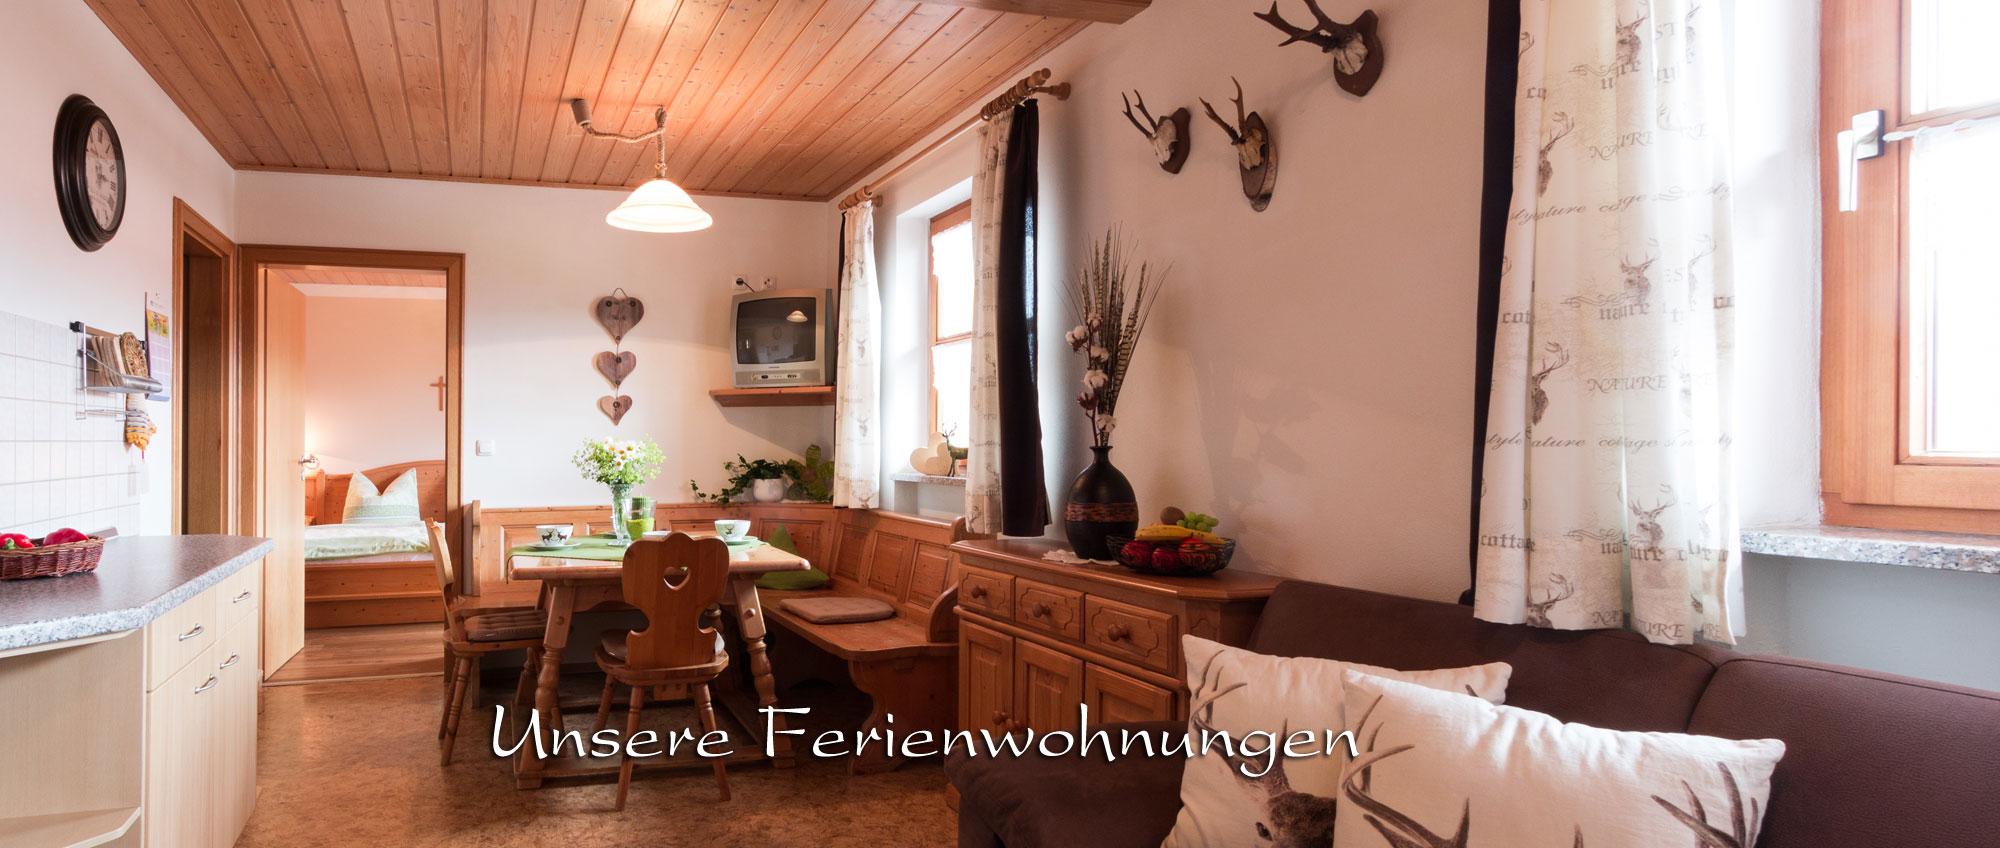 Ferienwohnungen am Bauernhof in Bayern